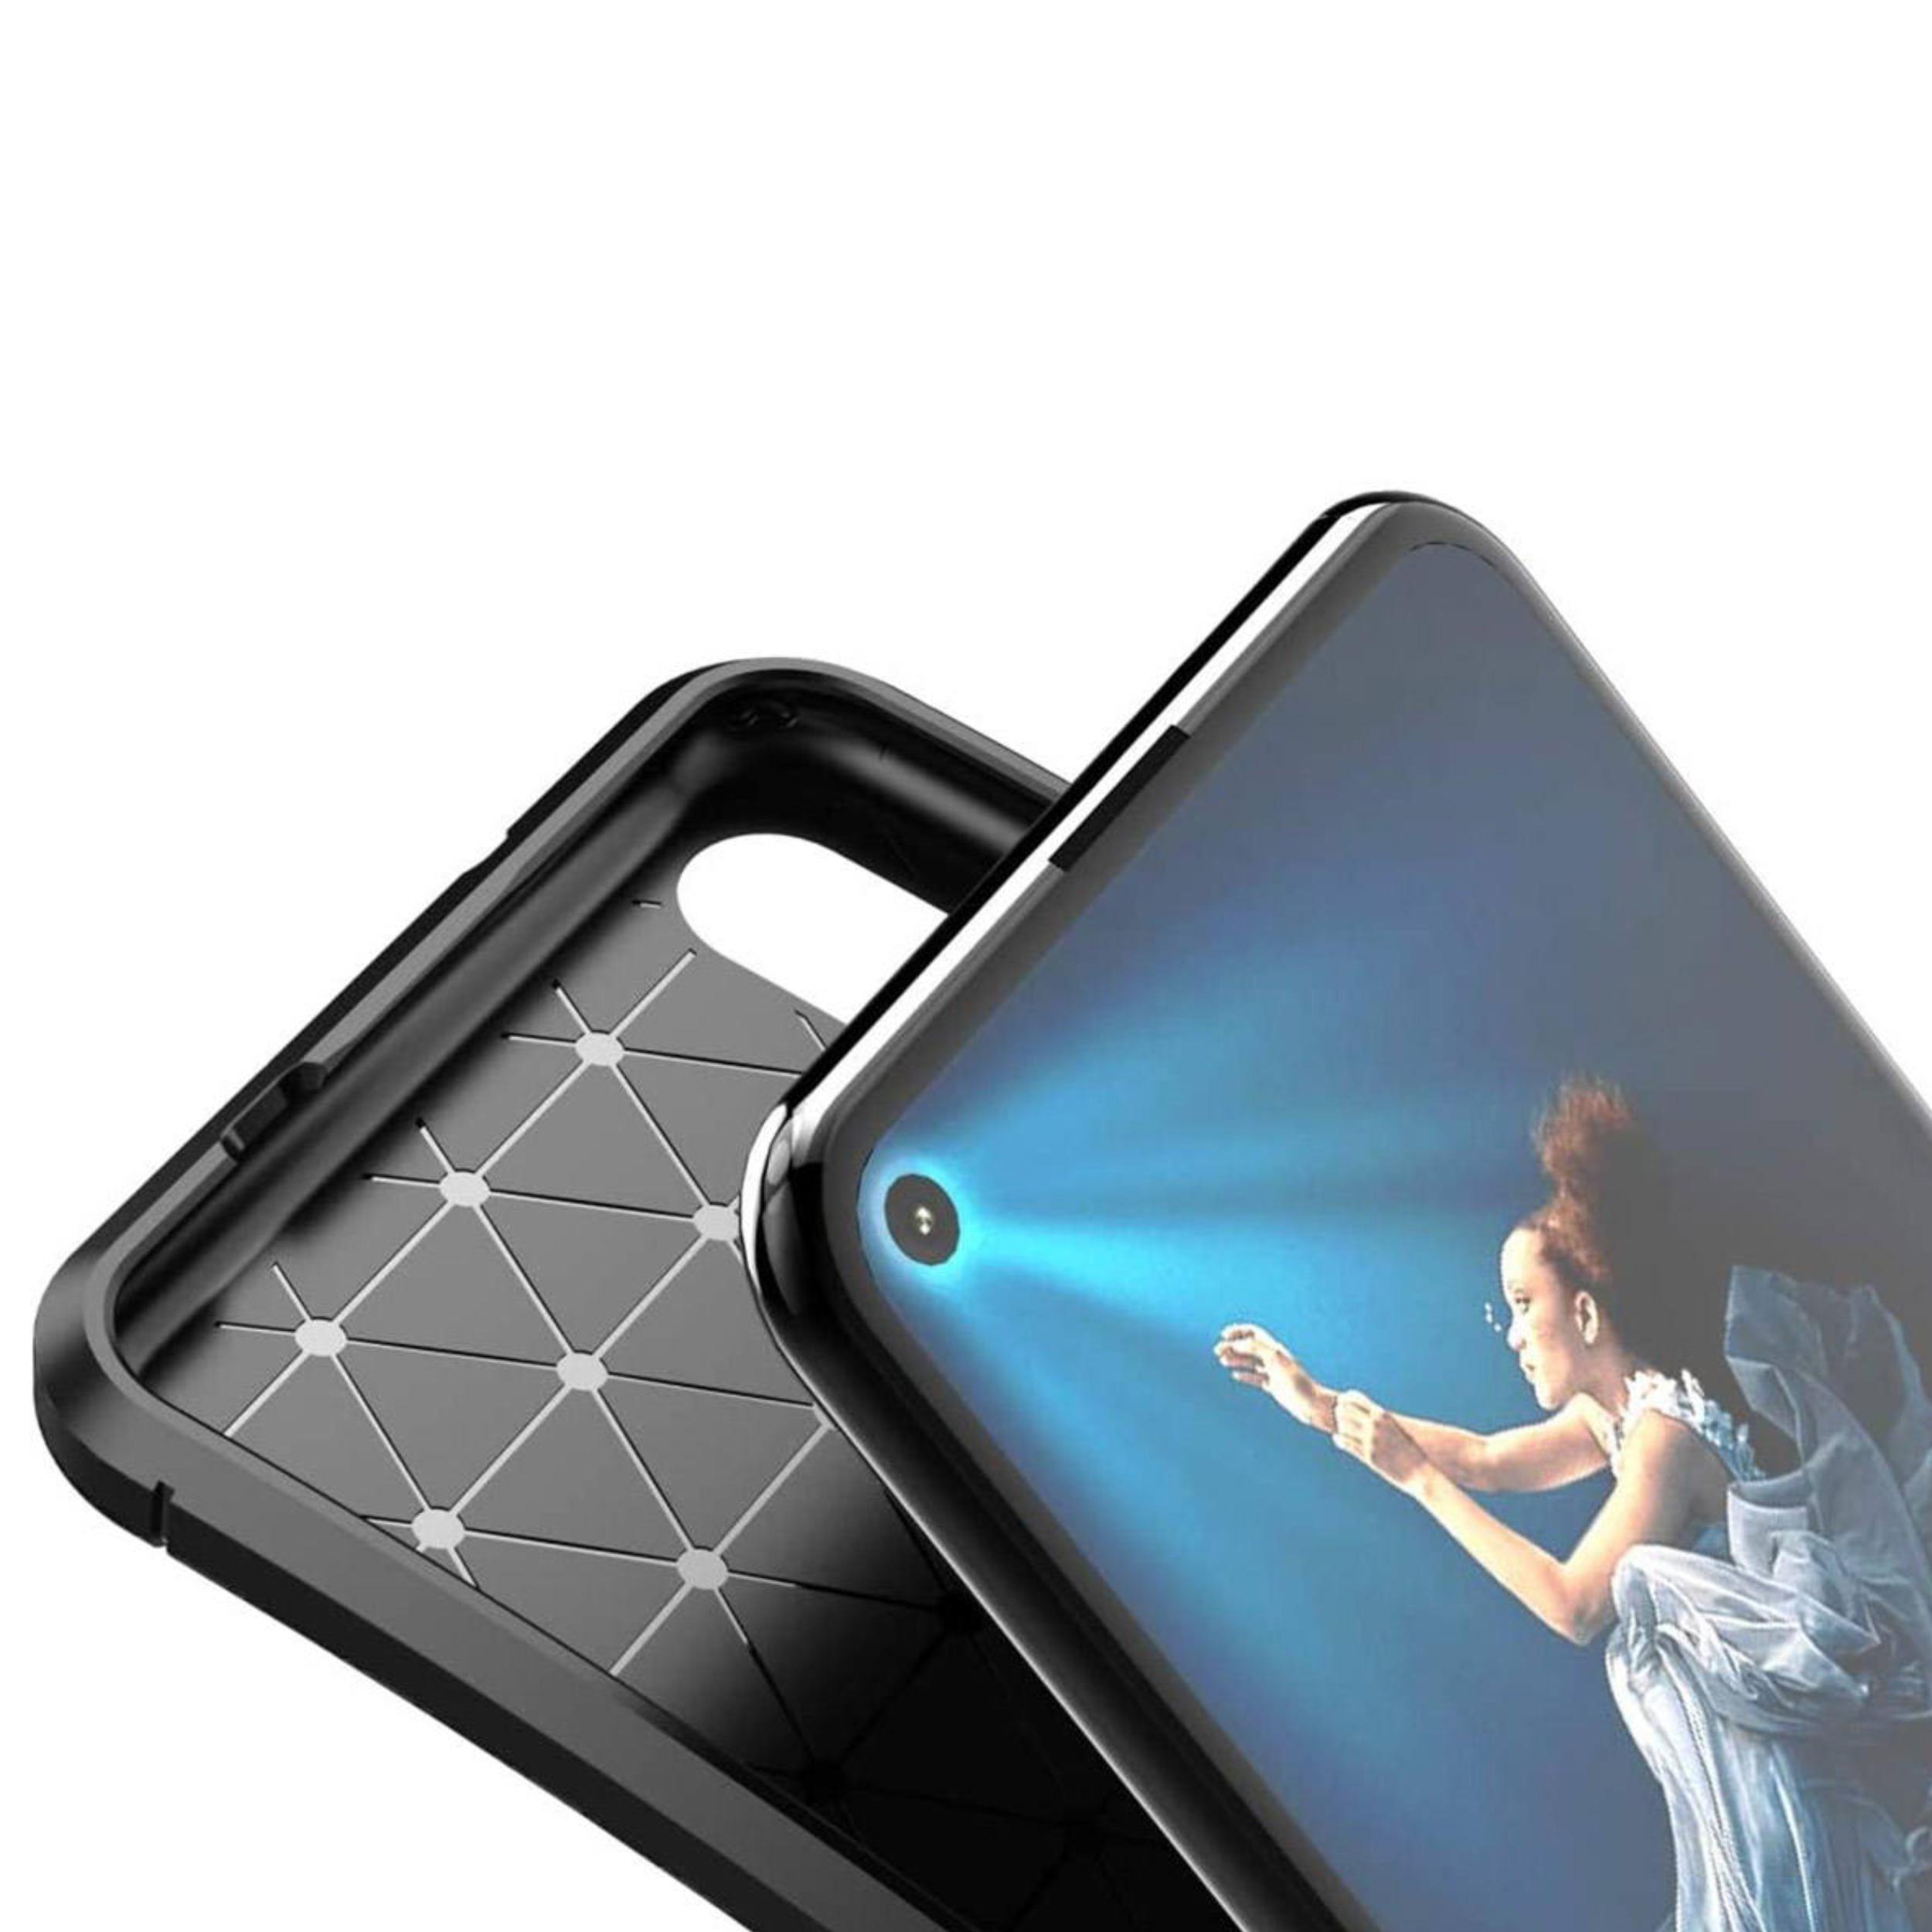 کاور لاین کینگ مدل A21 مناسب برای گوشی موبایل هوآوی Nova 5T thumb 2 5